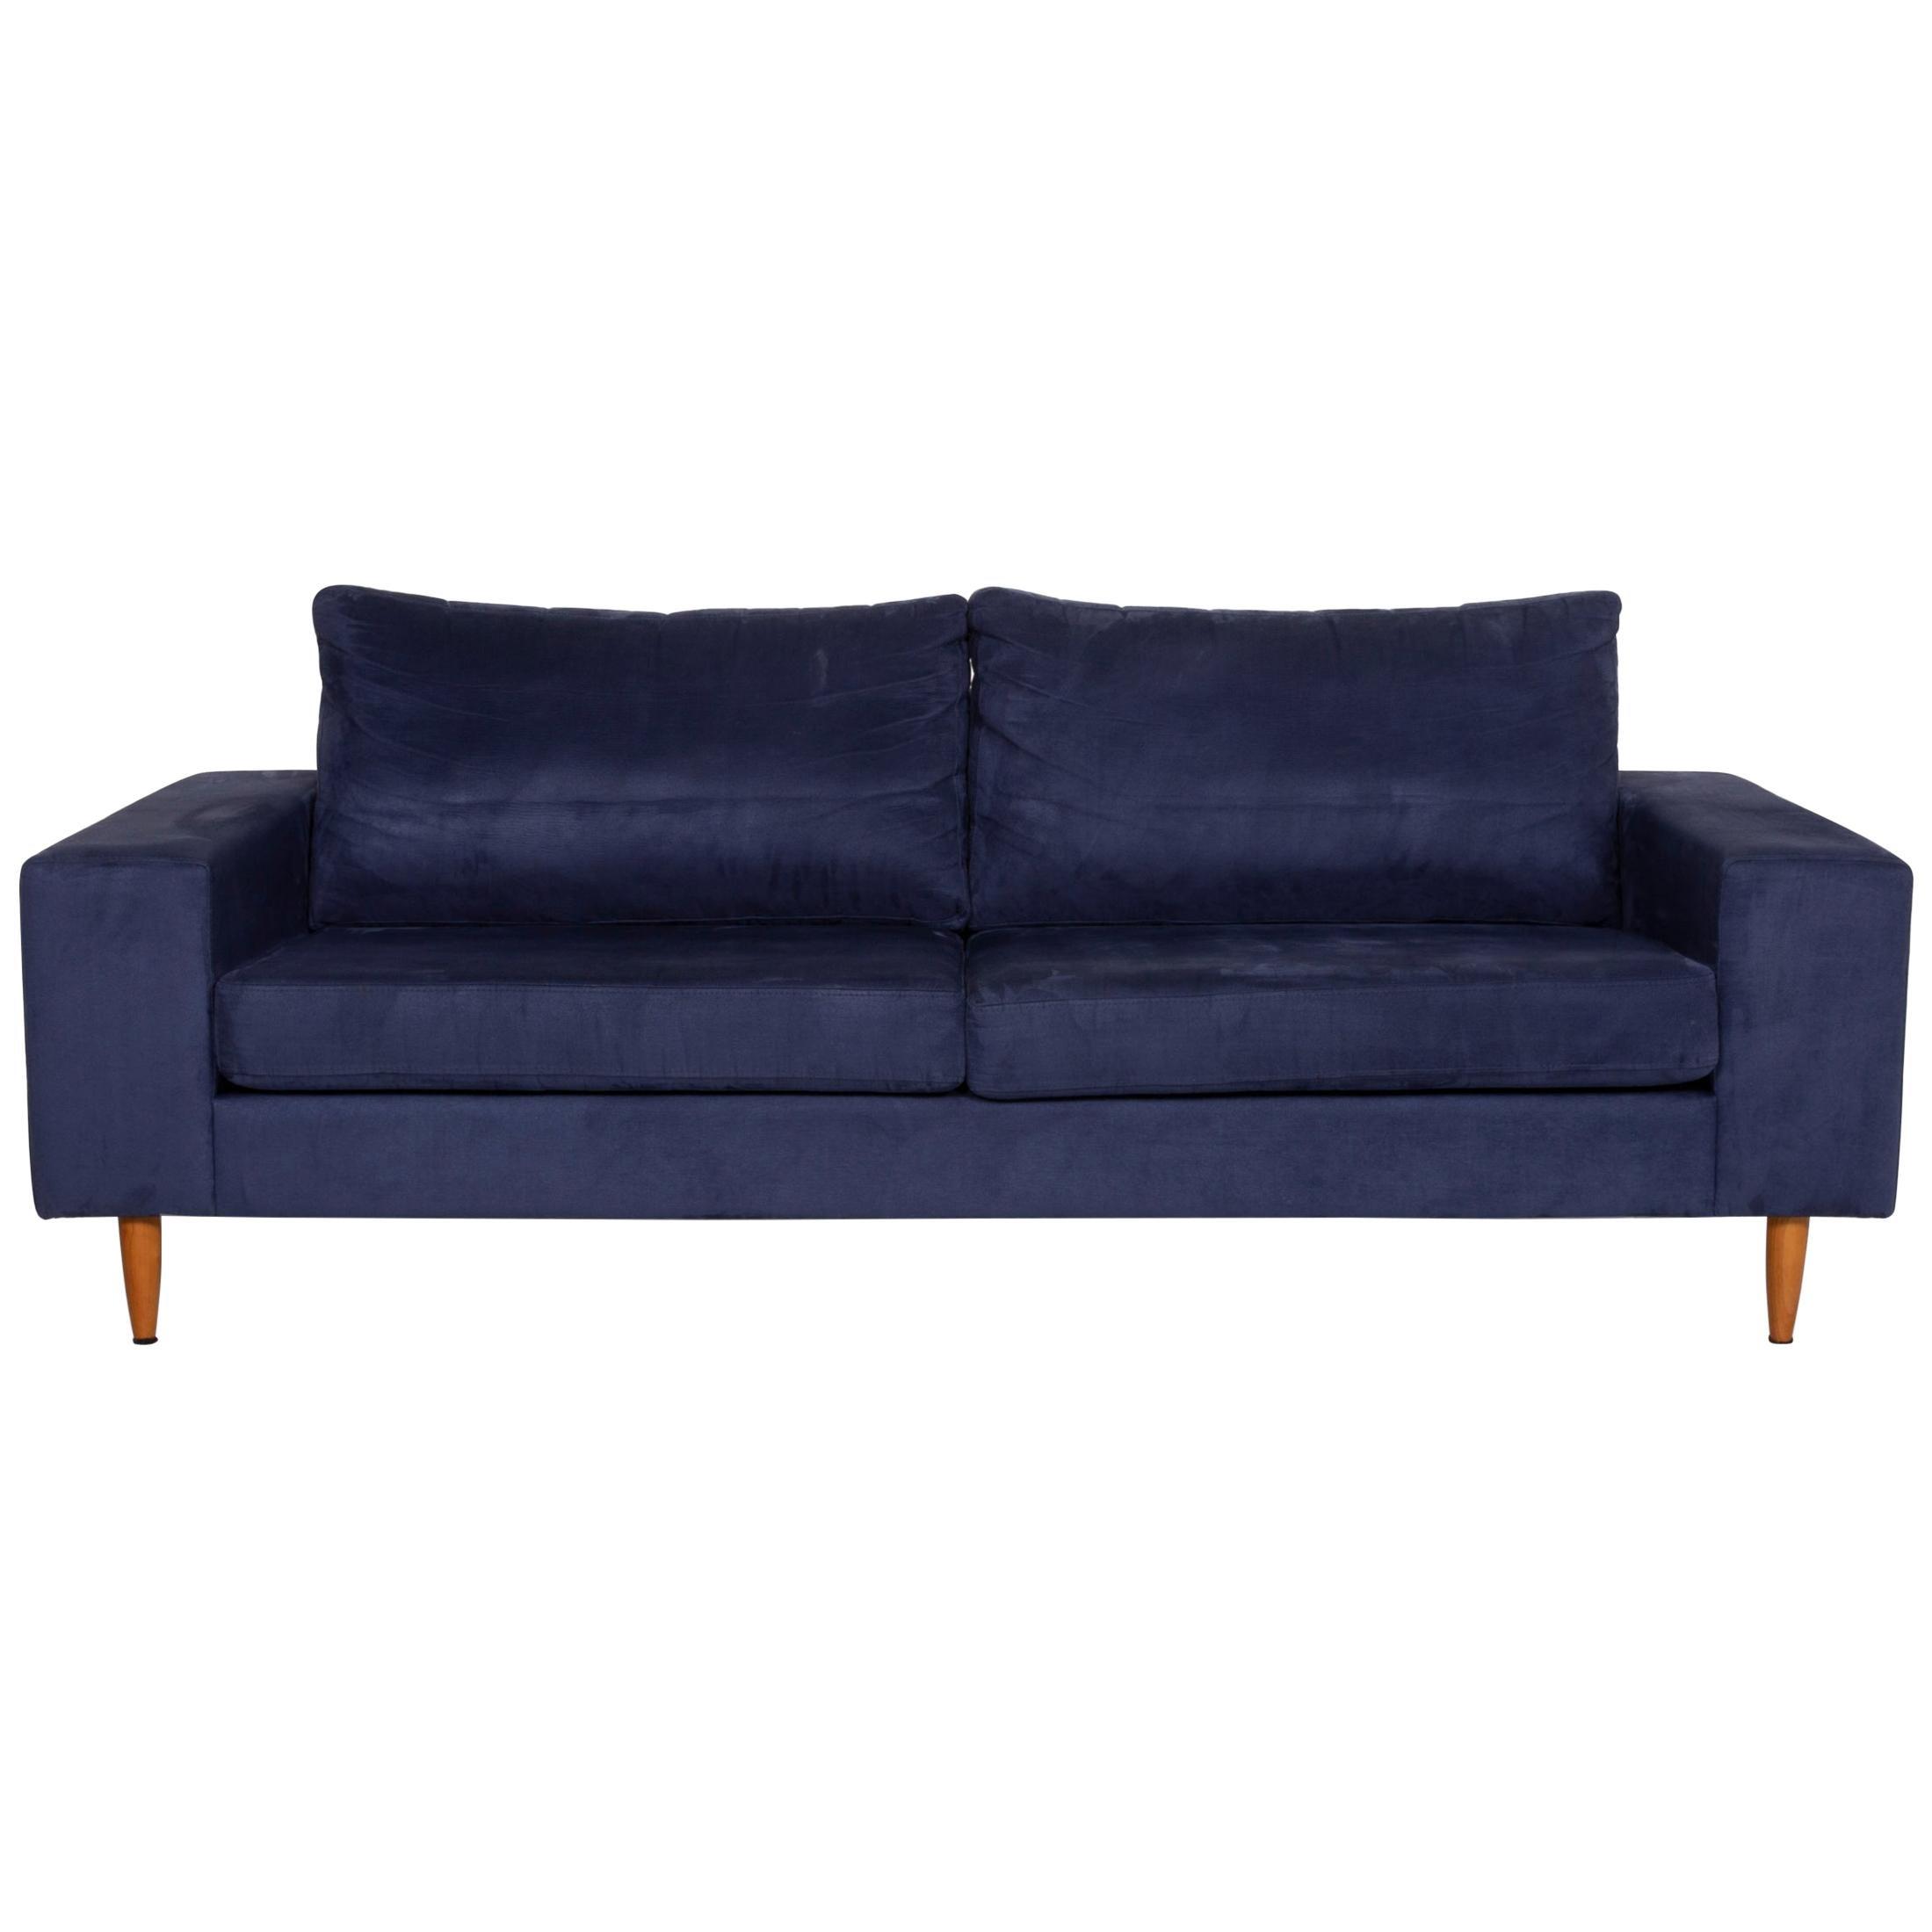 BoConcept Indivi 2 Fabric Sofa Blue Three-Seater